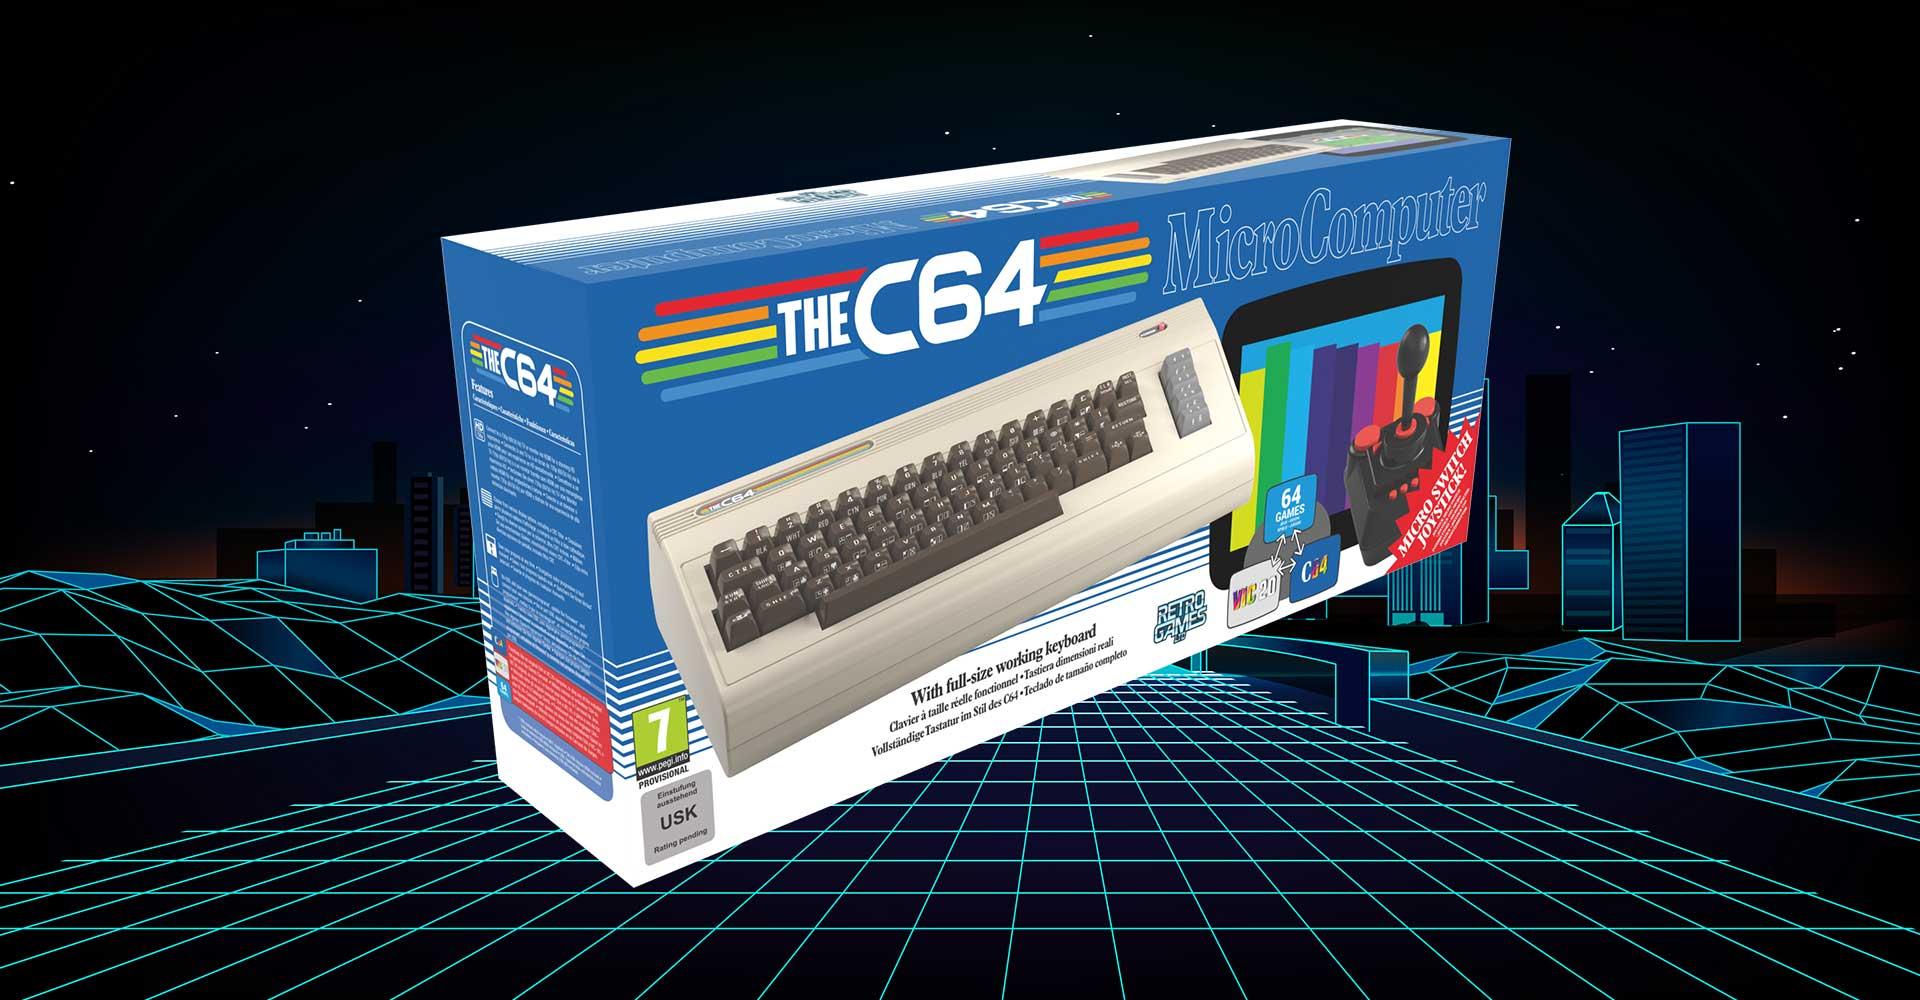 Retro- und Minikonsolen #9 C64 Maxi: Nachbildung in Original-Größe